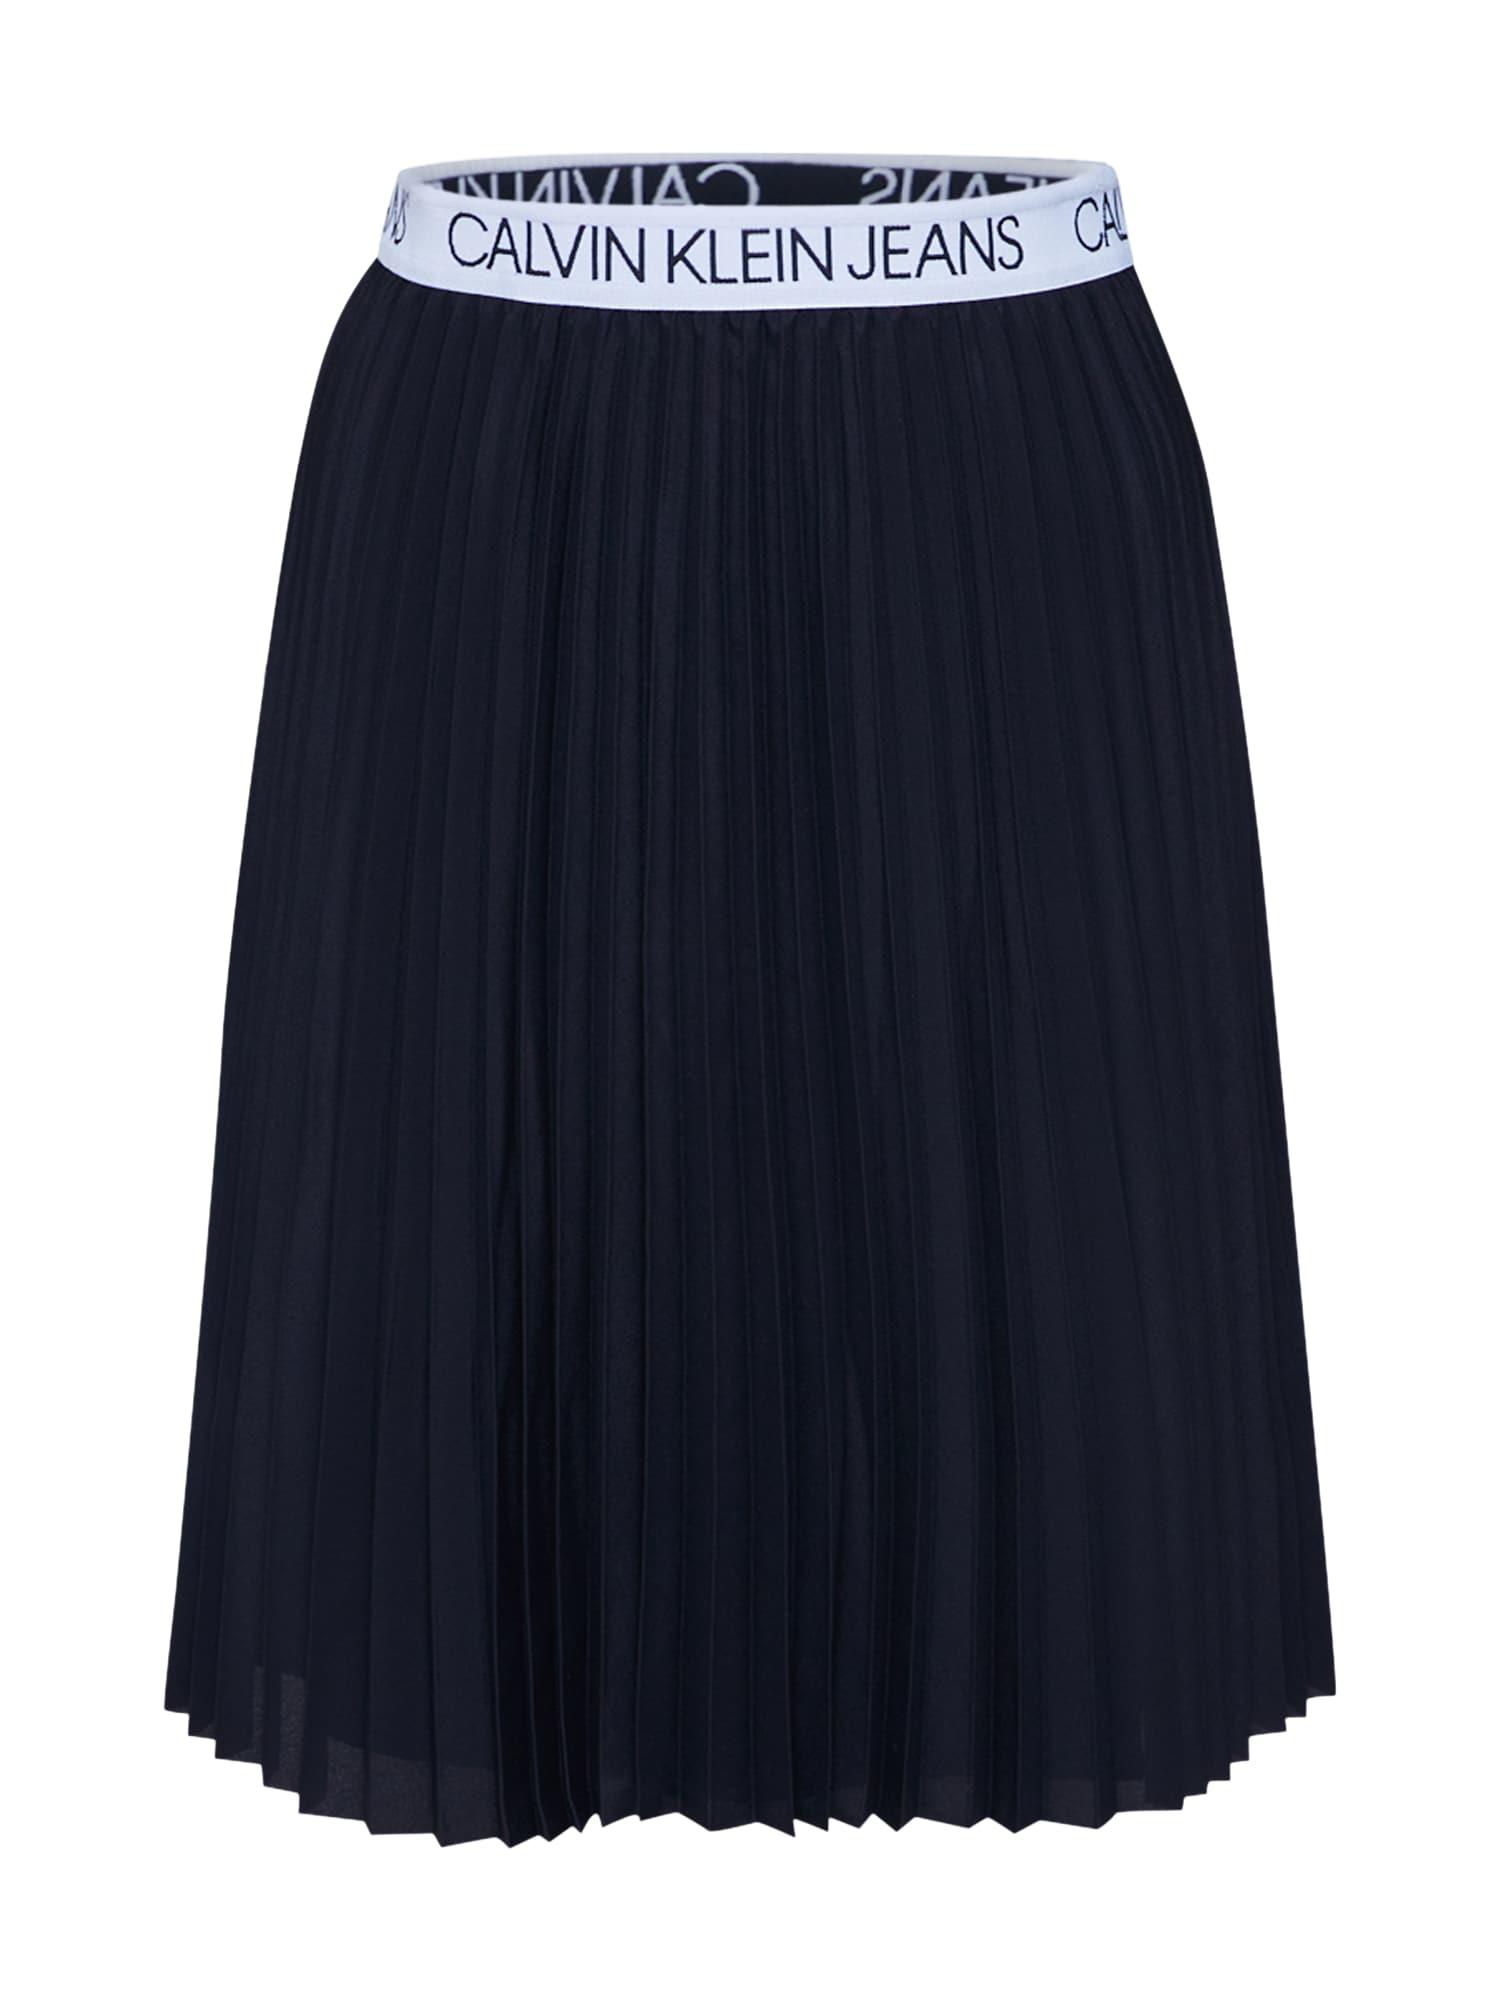 Calvin Klein Jeans Sijonas 'LOGO ELASTIC PLEATED' balta / juoda